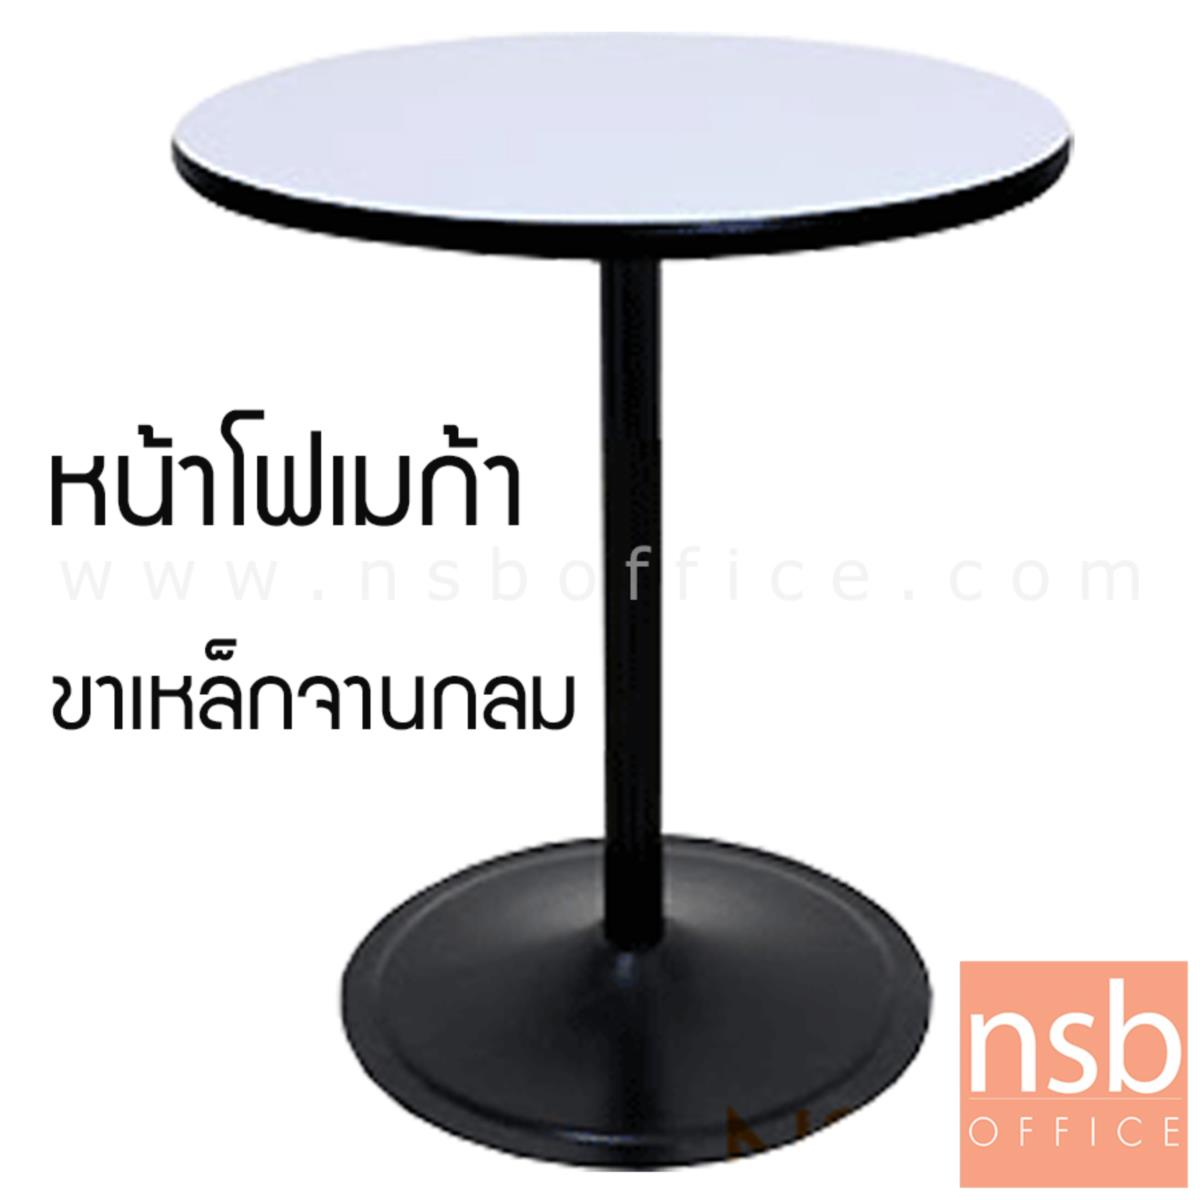 โต๊ะหน้าโฟเมก้าขาว รุ่น Thalia 2 (ธาเลีย 2) ขนาด 60W ,75W ,60Di ,75Di cm.  ขาเหล็กจานกลมสีดำ